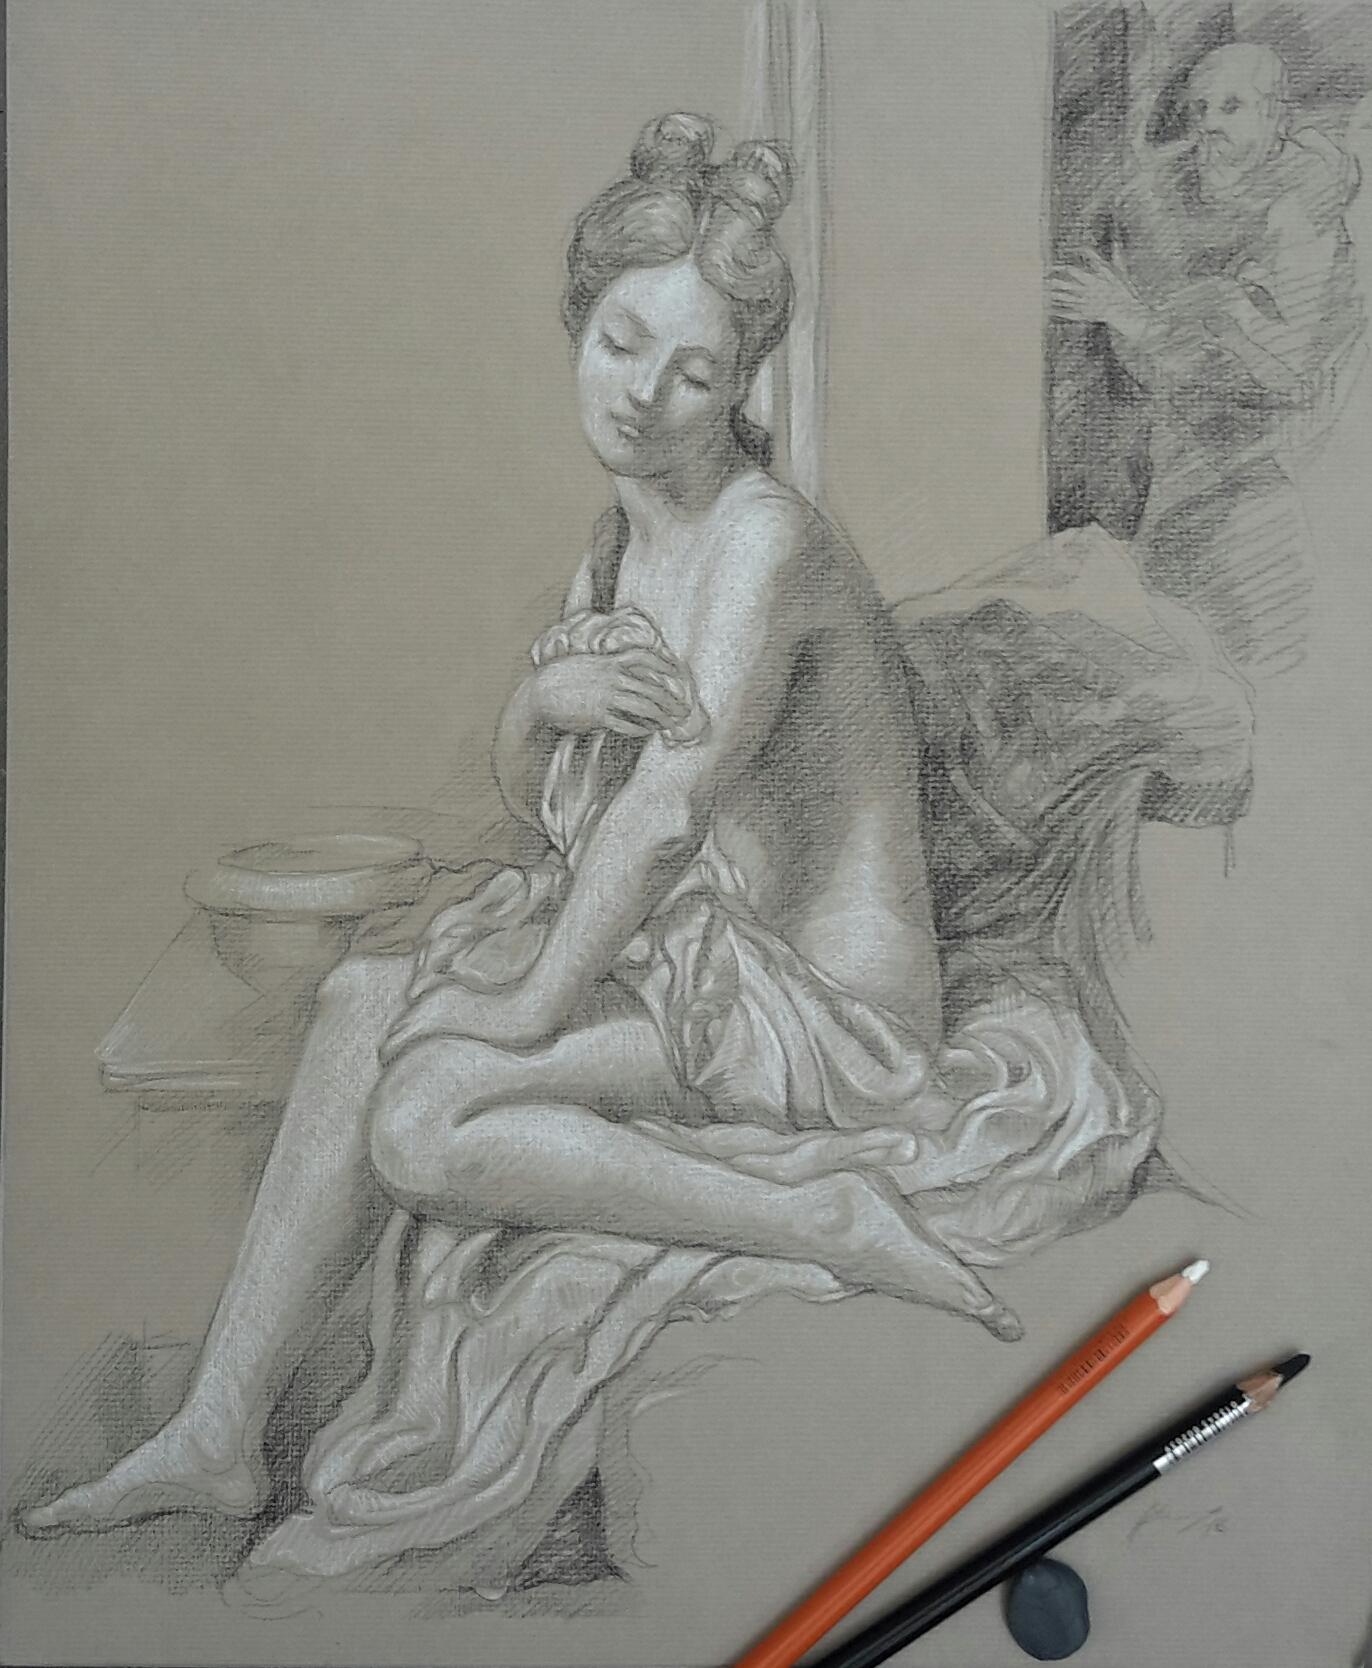 Suzanne au bain : pierre noire et crayon blanc